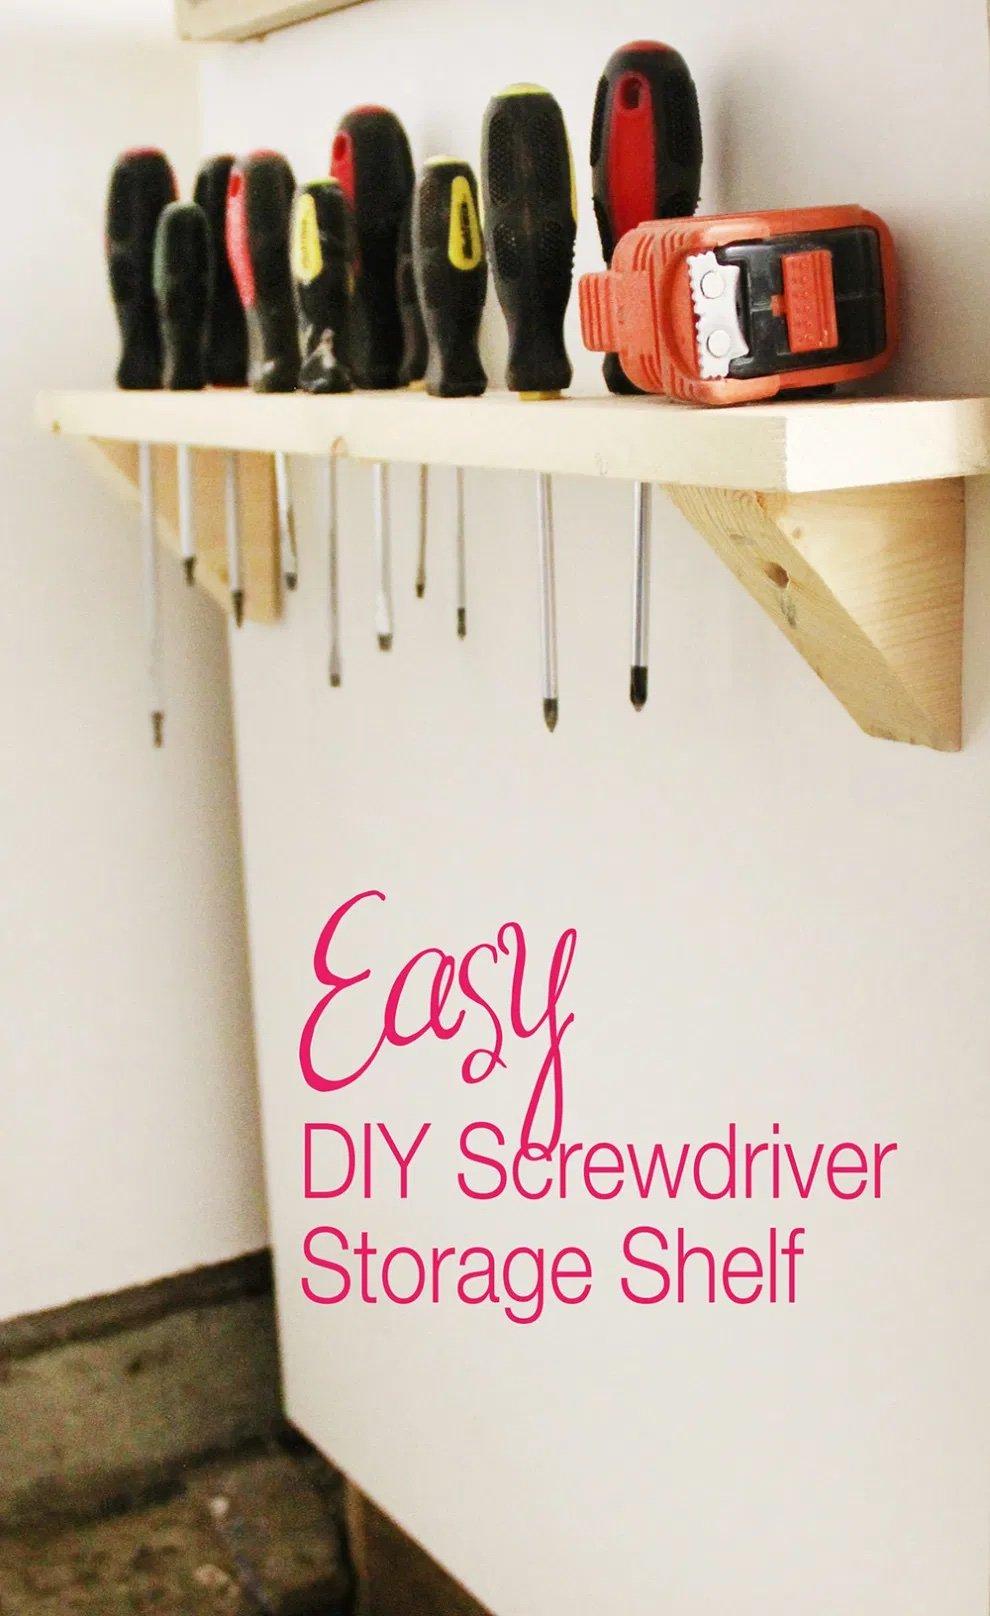 Screwdriver Storage Shelf